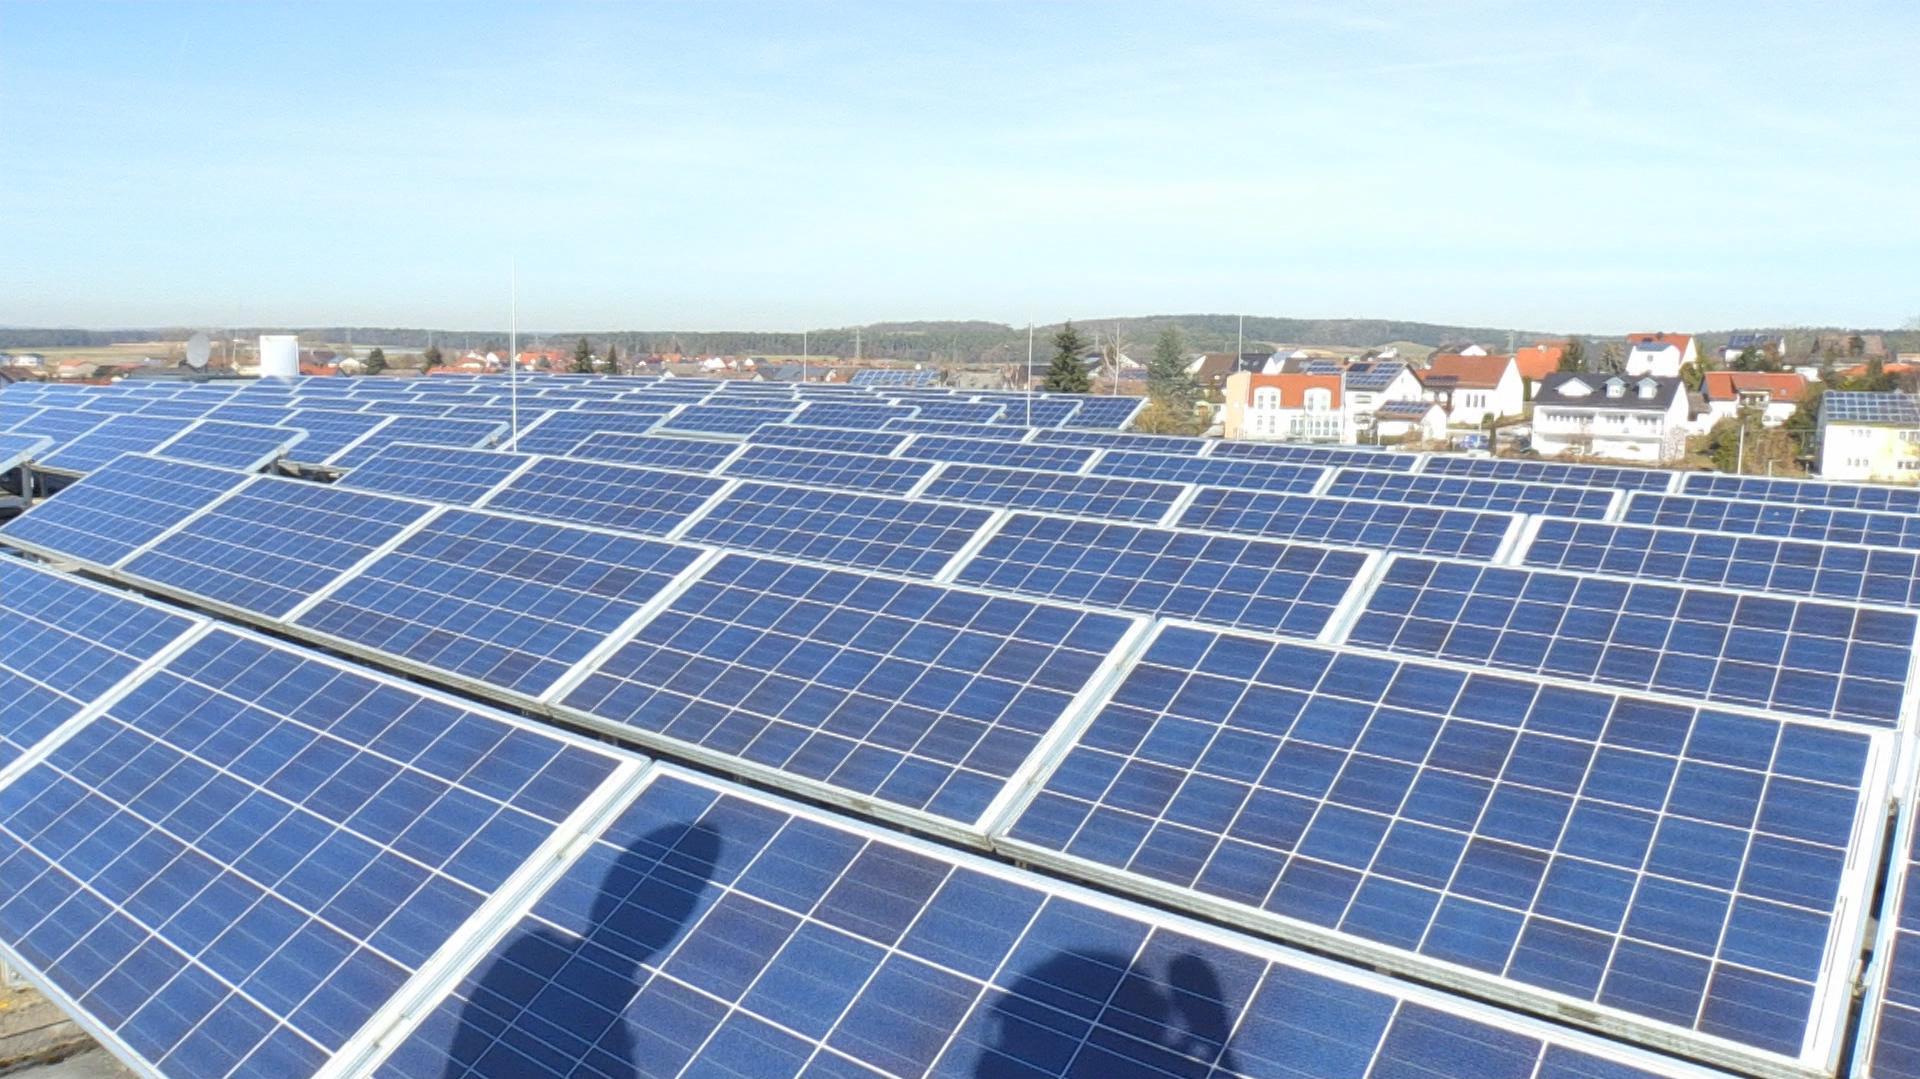 Abensberg hat sich ein ehrgeiziges Ziel gesteckt: Spätestens im Jahr 2030 will die Stadt bei der Energieversorgung unabhängig sein.